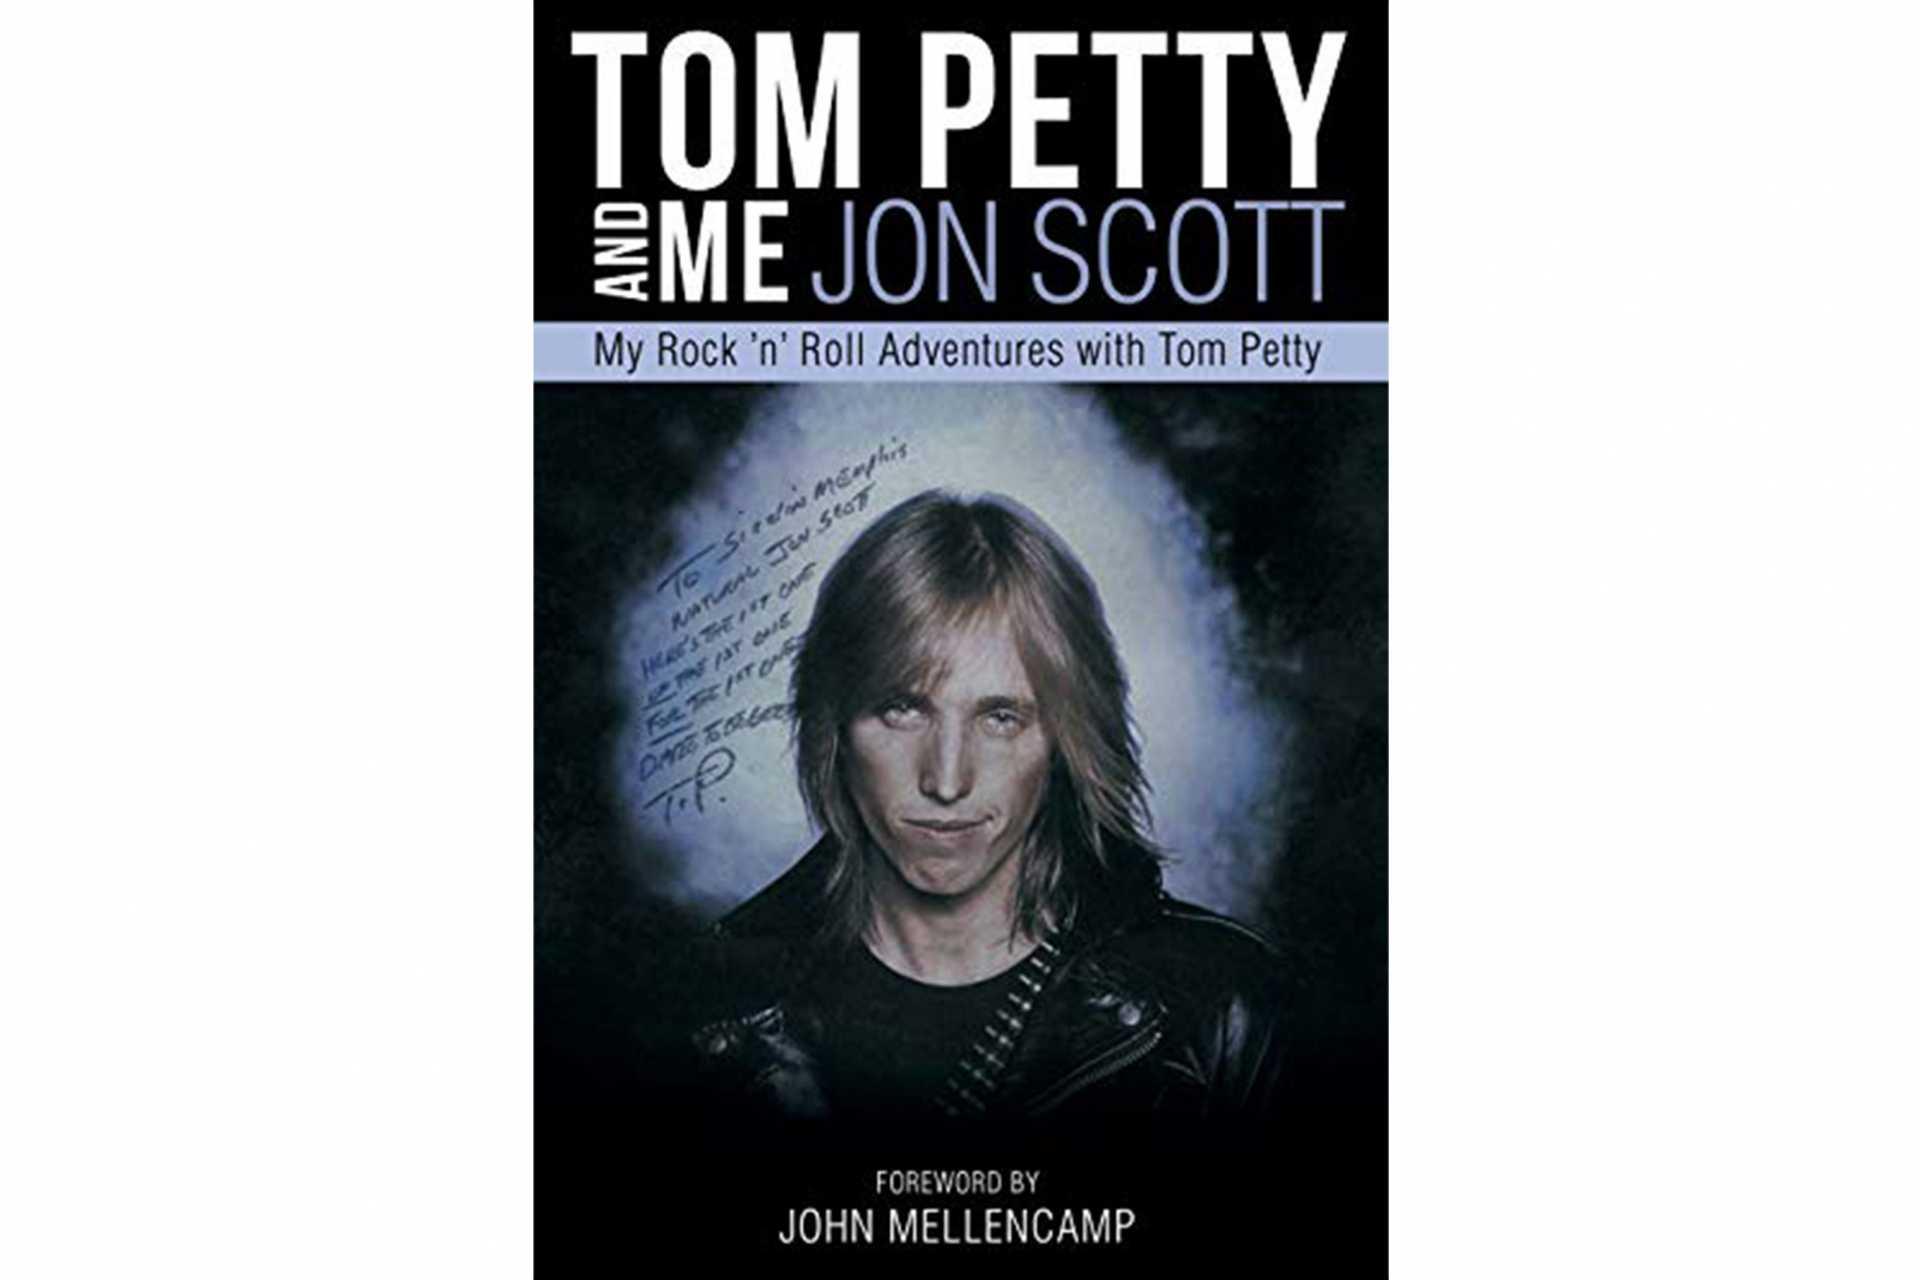 トム・ペティとの思い出を綴った書籍が発売